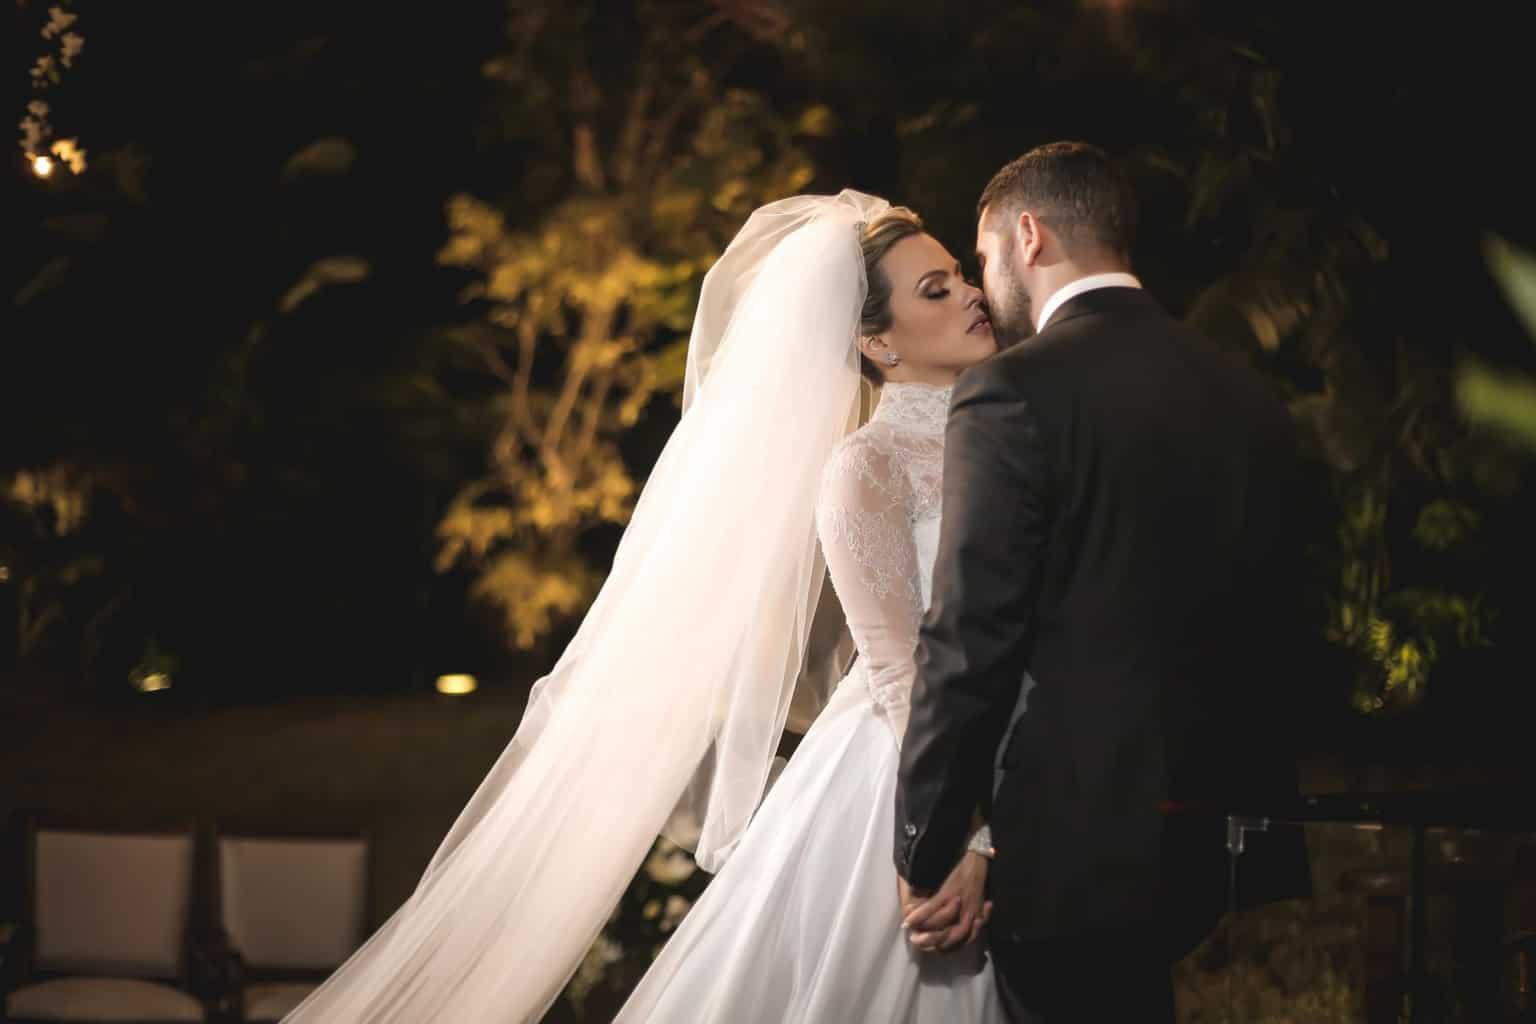 casamento-Juliana-e-Eduardo-foto-dos-noivos-Fotografia-Ricardo-Nascimento-e-Thereza-magno-Usina-dois-irmãos91